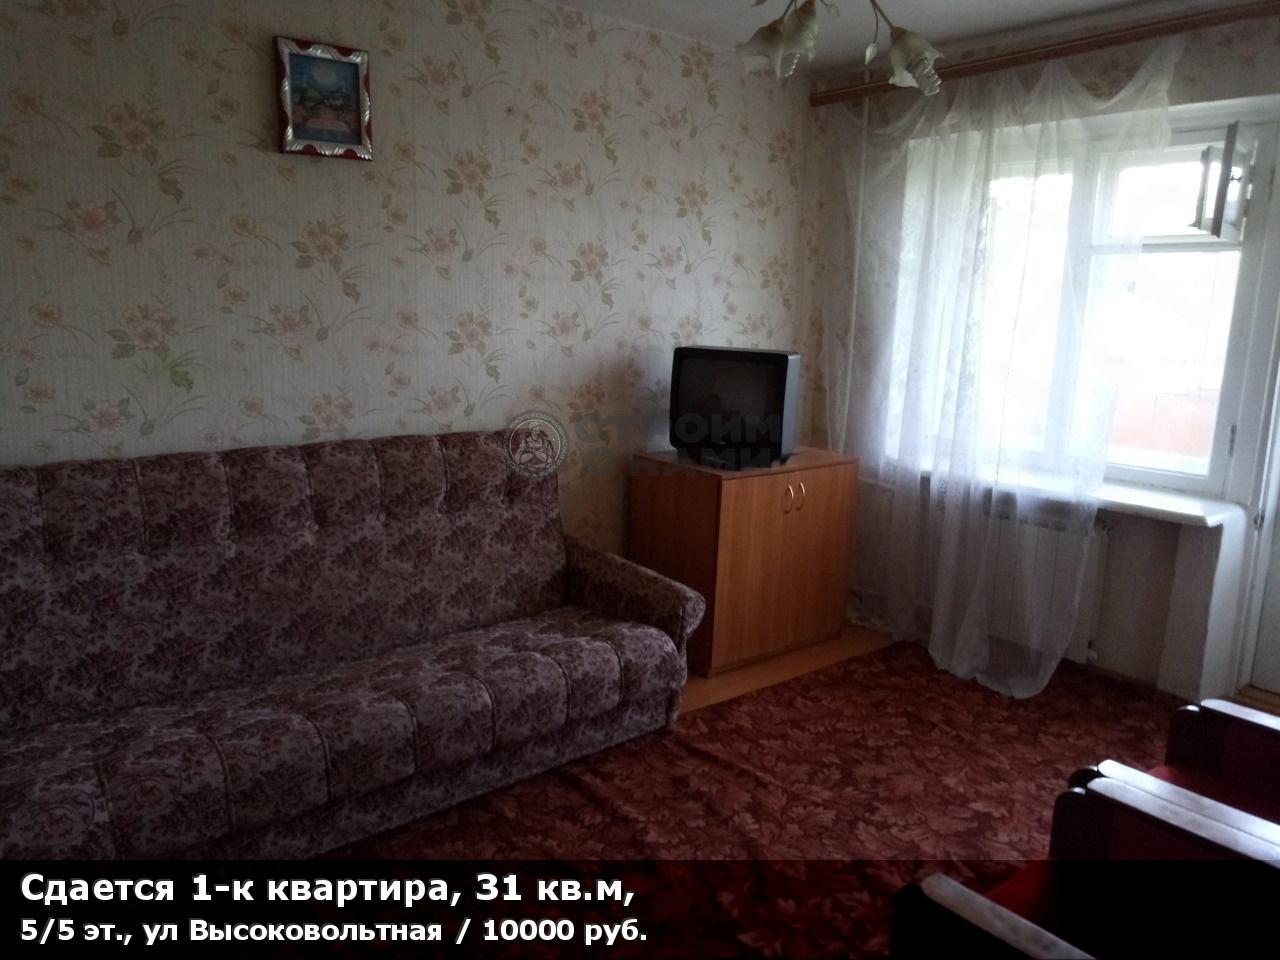 Сдается 1-к квартира, 31 кв.м, 5/5 эт., ул Высоковольтная